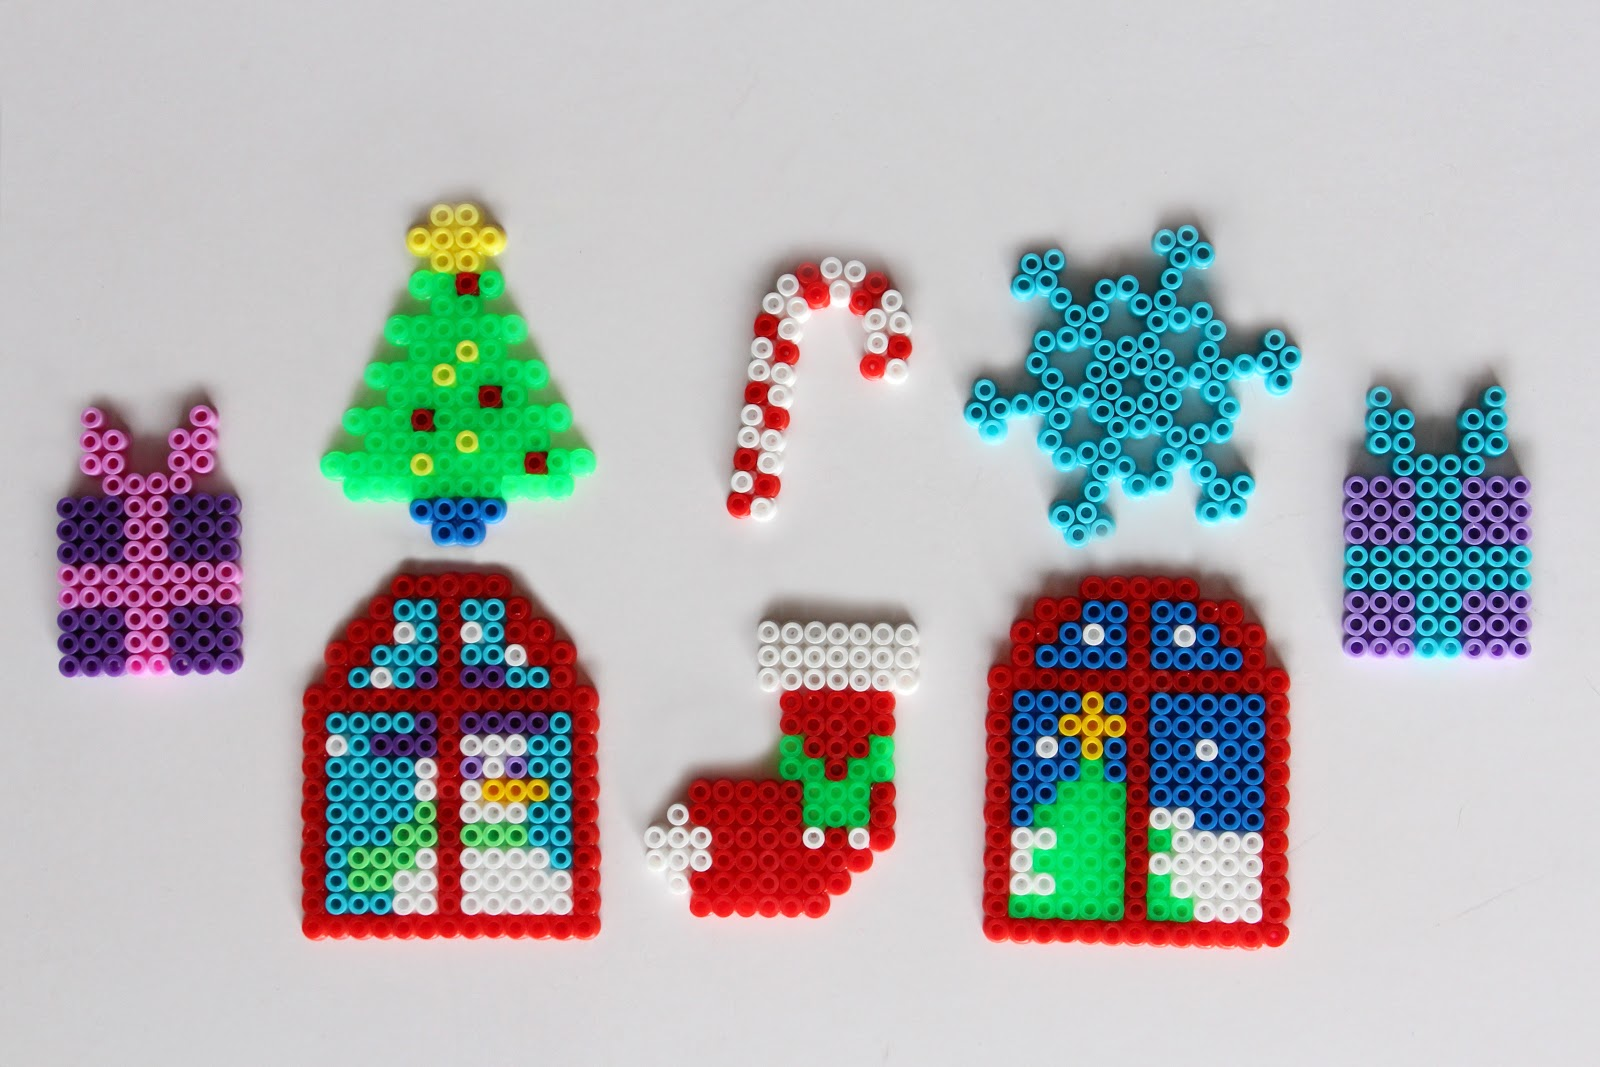 Hacer Felicitaciones De Navidad Por Internet.Mardefiesta Tarjetas De Navidad Con Hama Beads